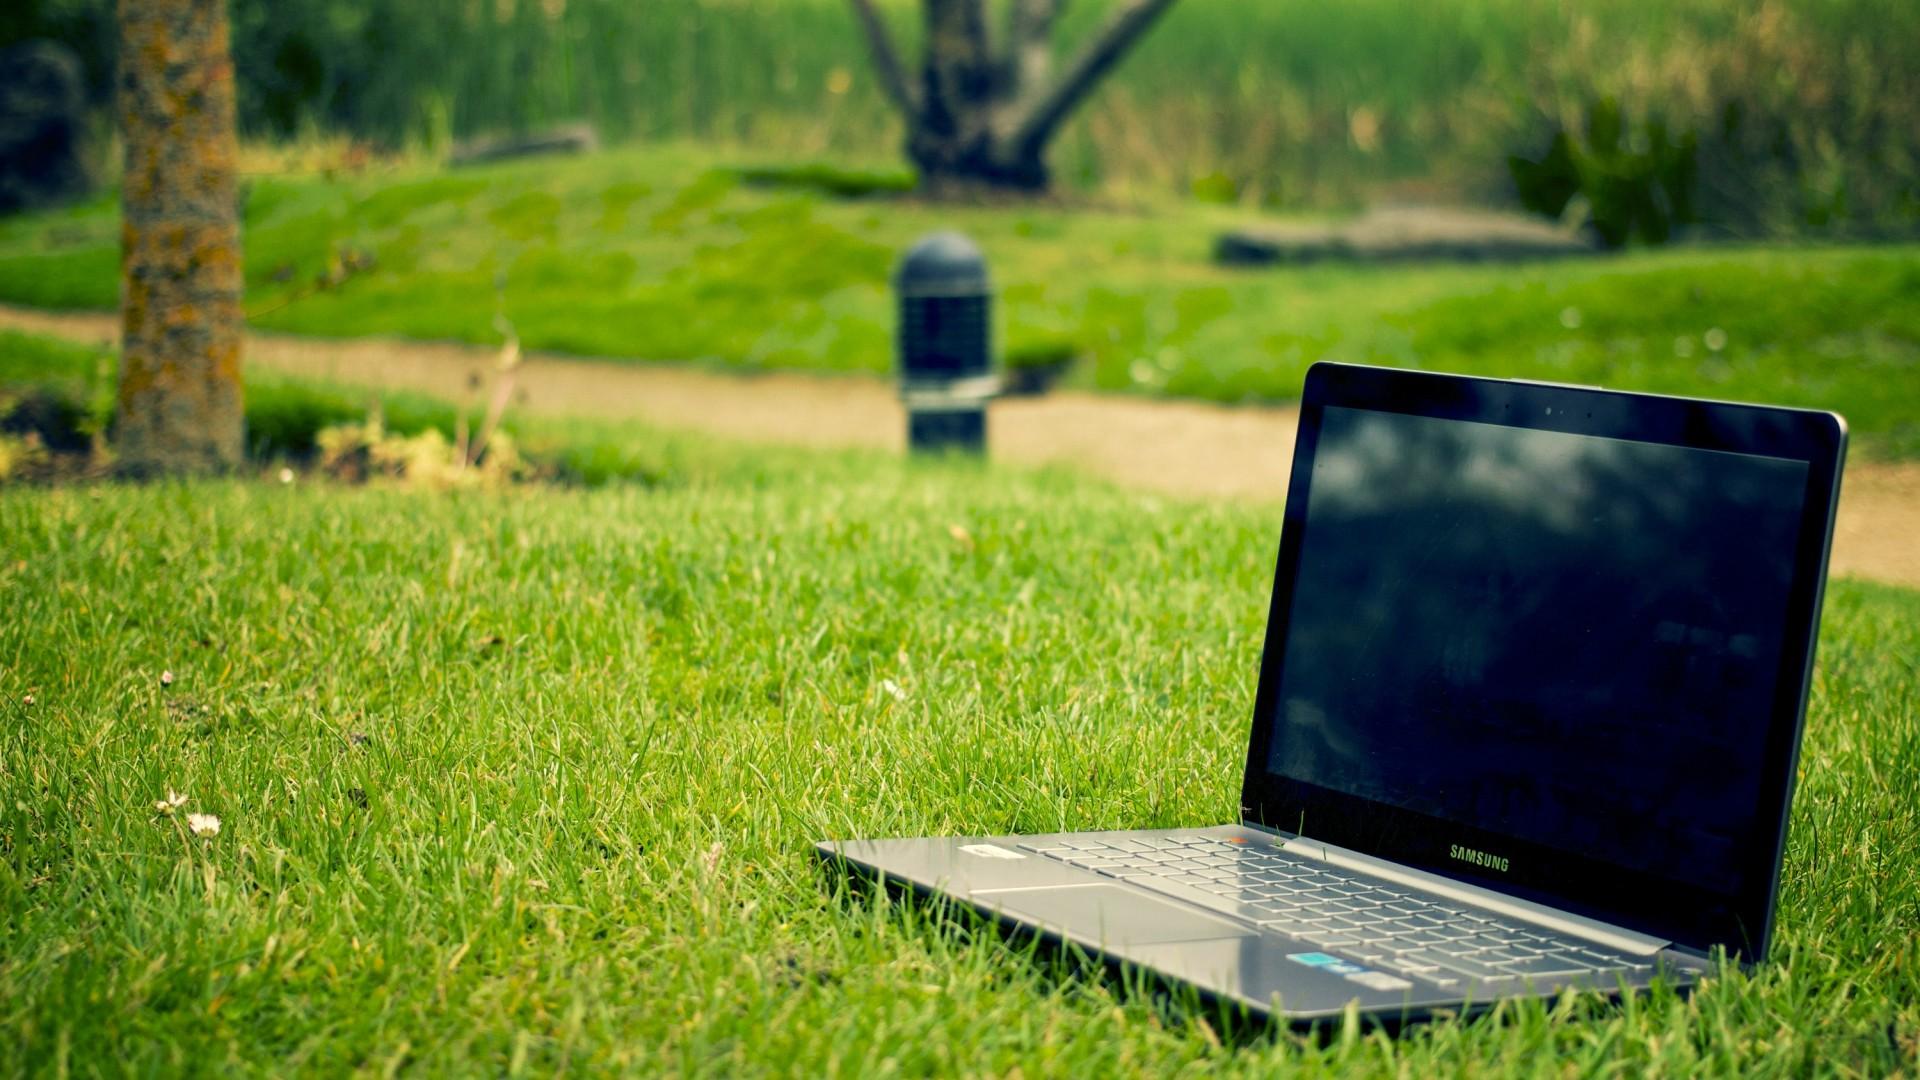 Wallpaper laptop, samsung, grass